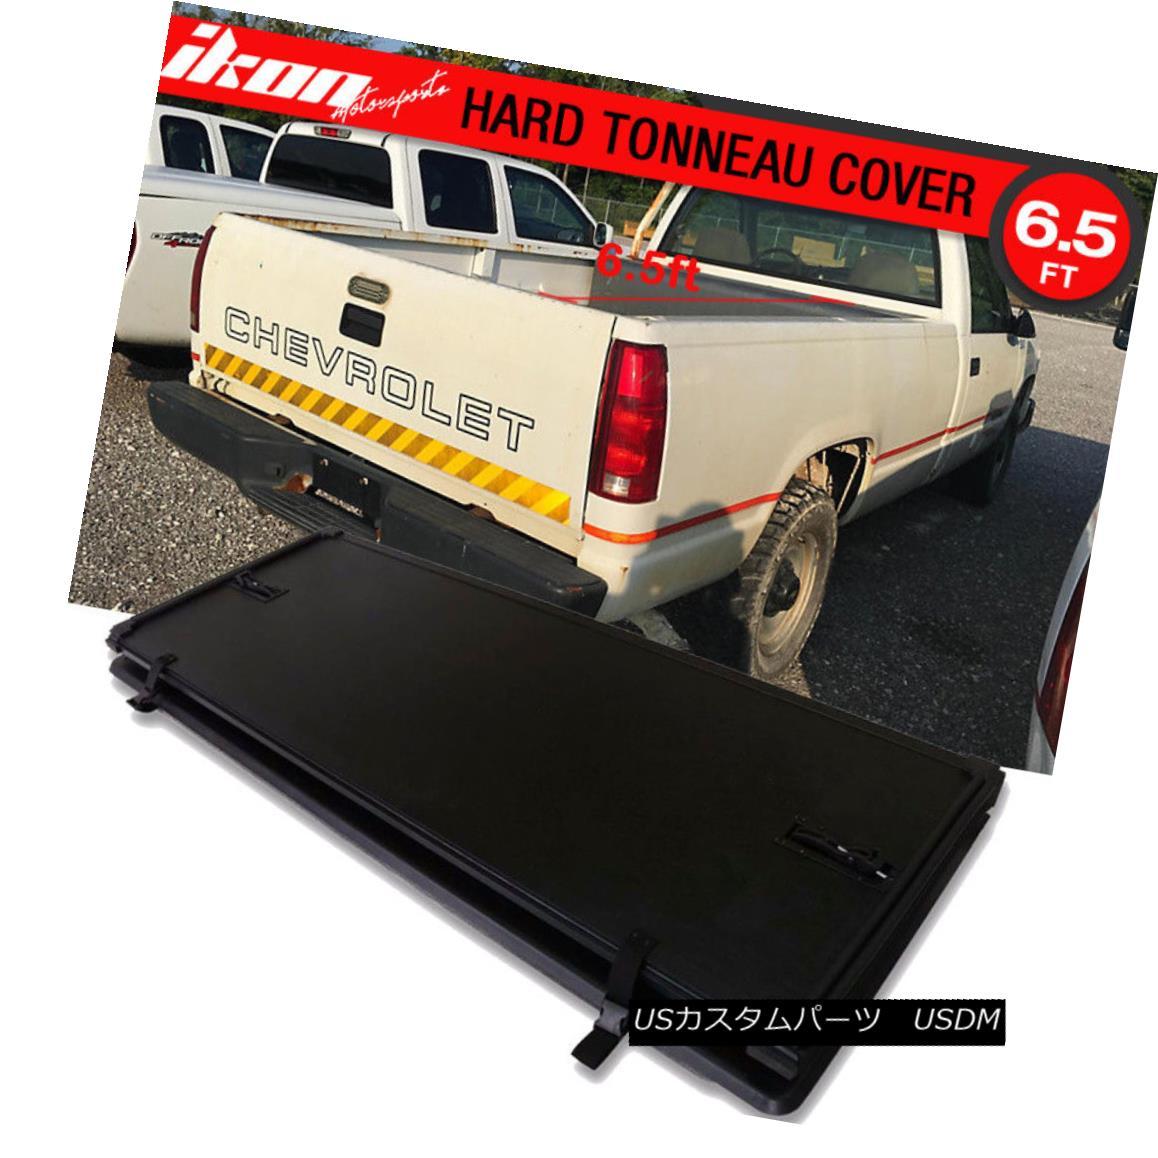 エアロパーツ Fits 88-00 GMC Sierra CK 6.5ft Bed Lock Tri-Fold Hard Solid Tonneau Cover Black フィット88-00 GMC Sierra CK 6.5フィートベッドロックトライフォールドハードソリッドトノーカバーブラック